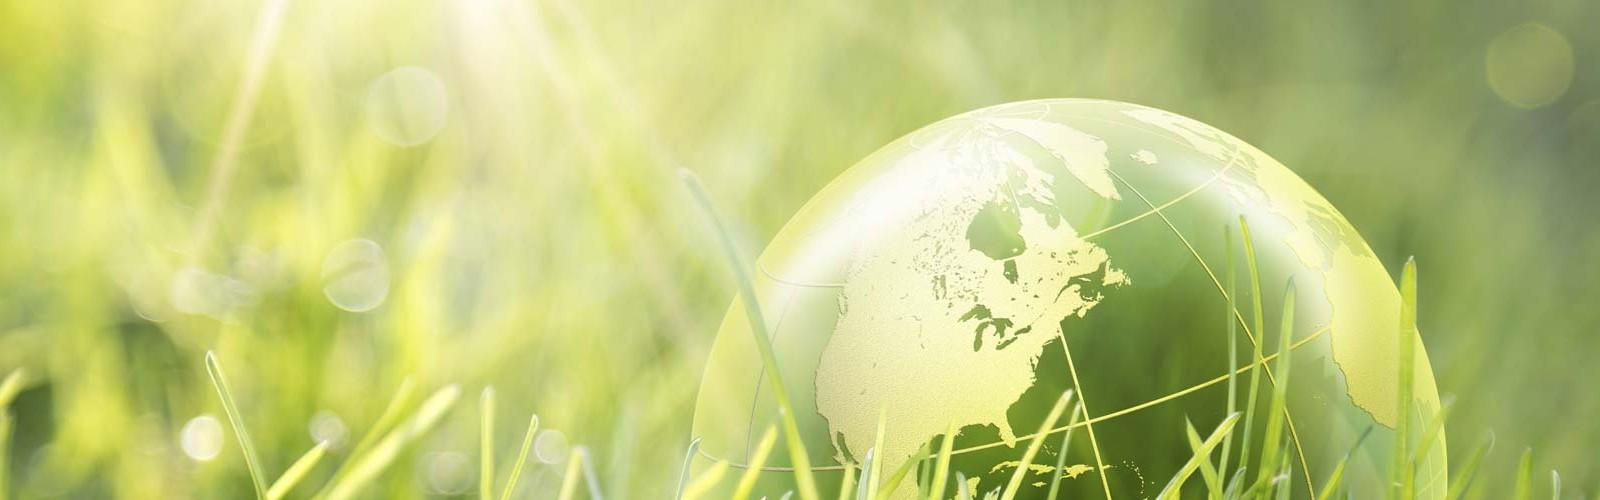 Viaje de incentivos sostenible